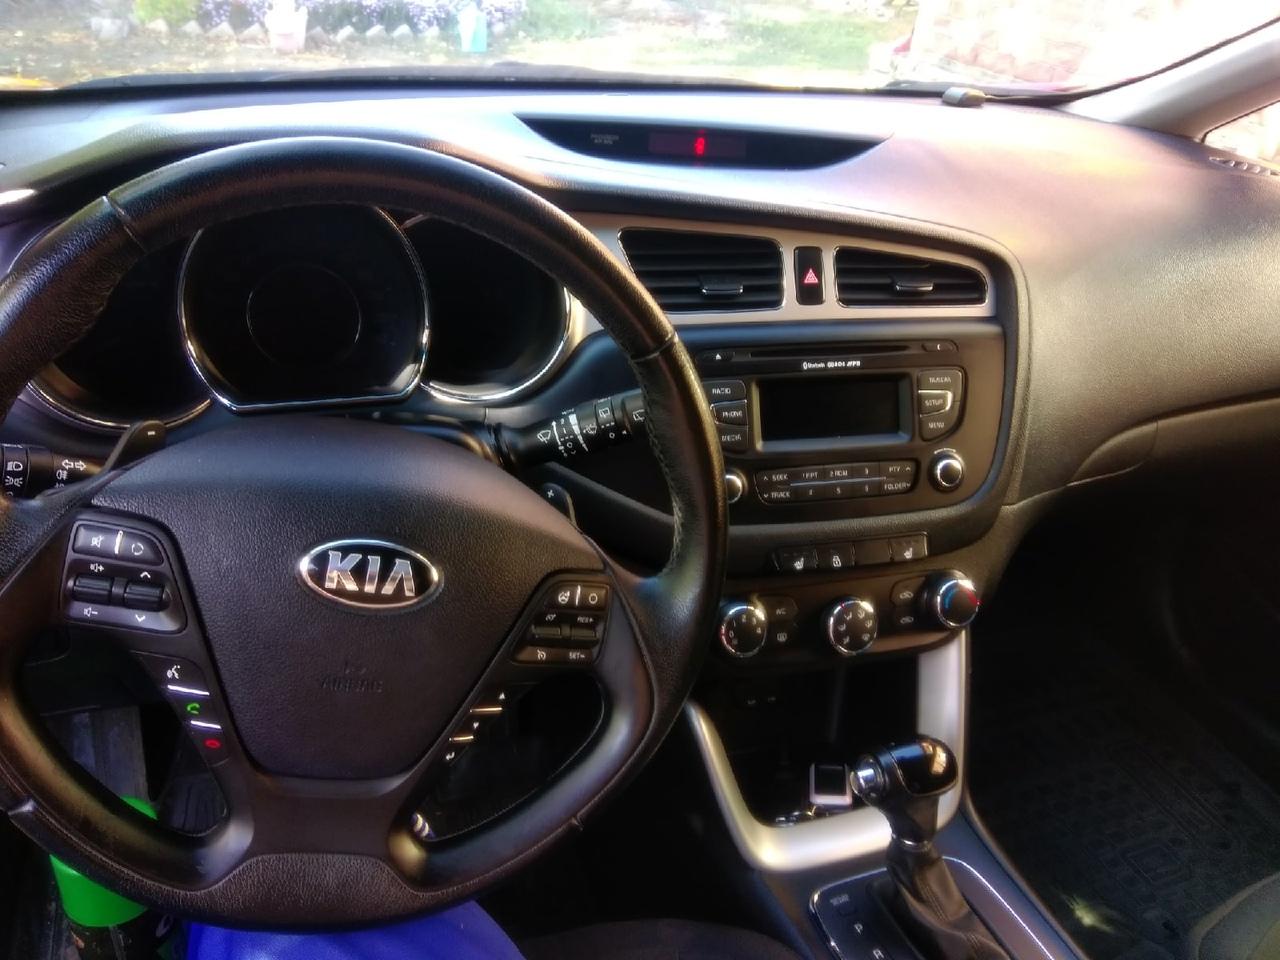 Kia Ceed 2014 год(а) 80000 км пробега